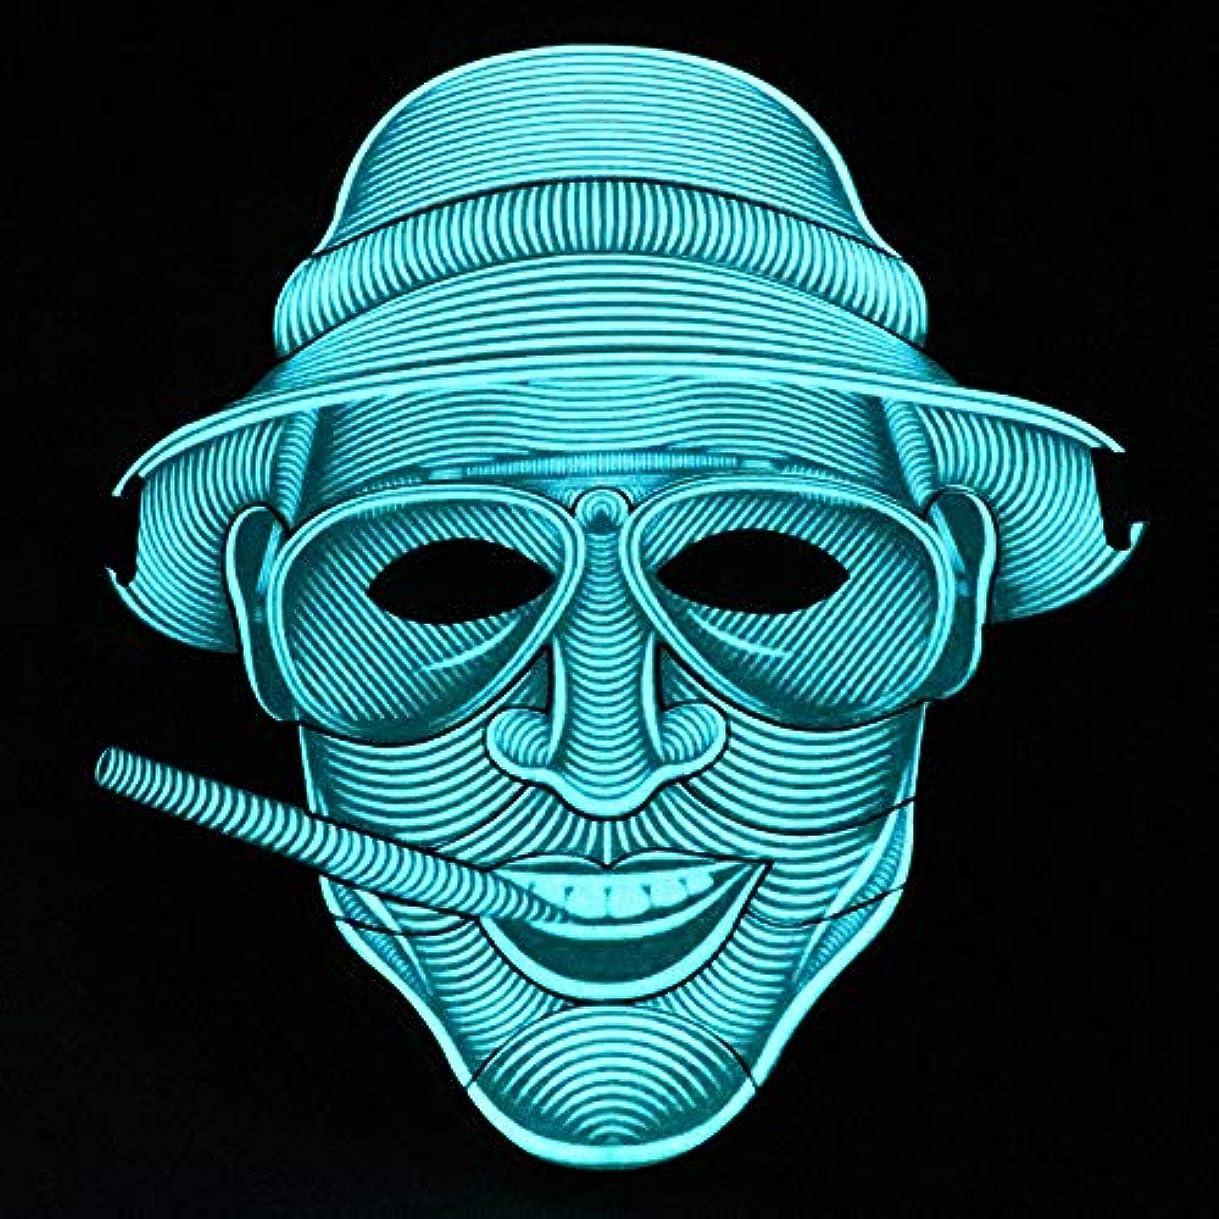 コークスアルネ運動する照らされたマスクLED創造的な冷光音響制御マスクハロウィンバーフェスティバルダンスマスク (Color : #2)